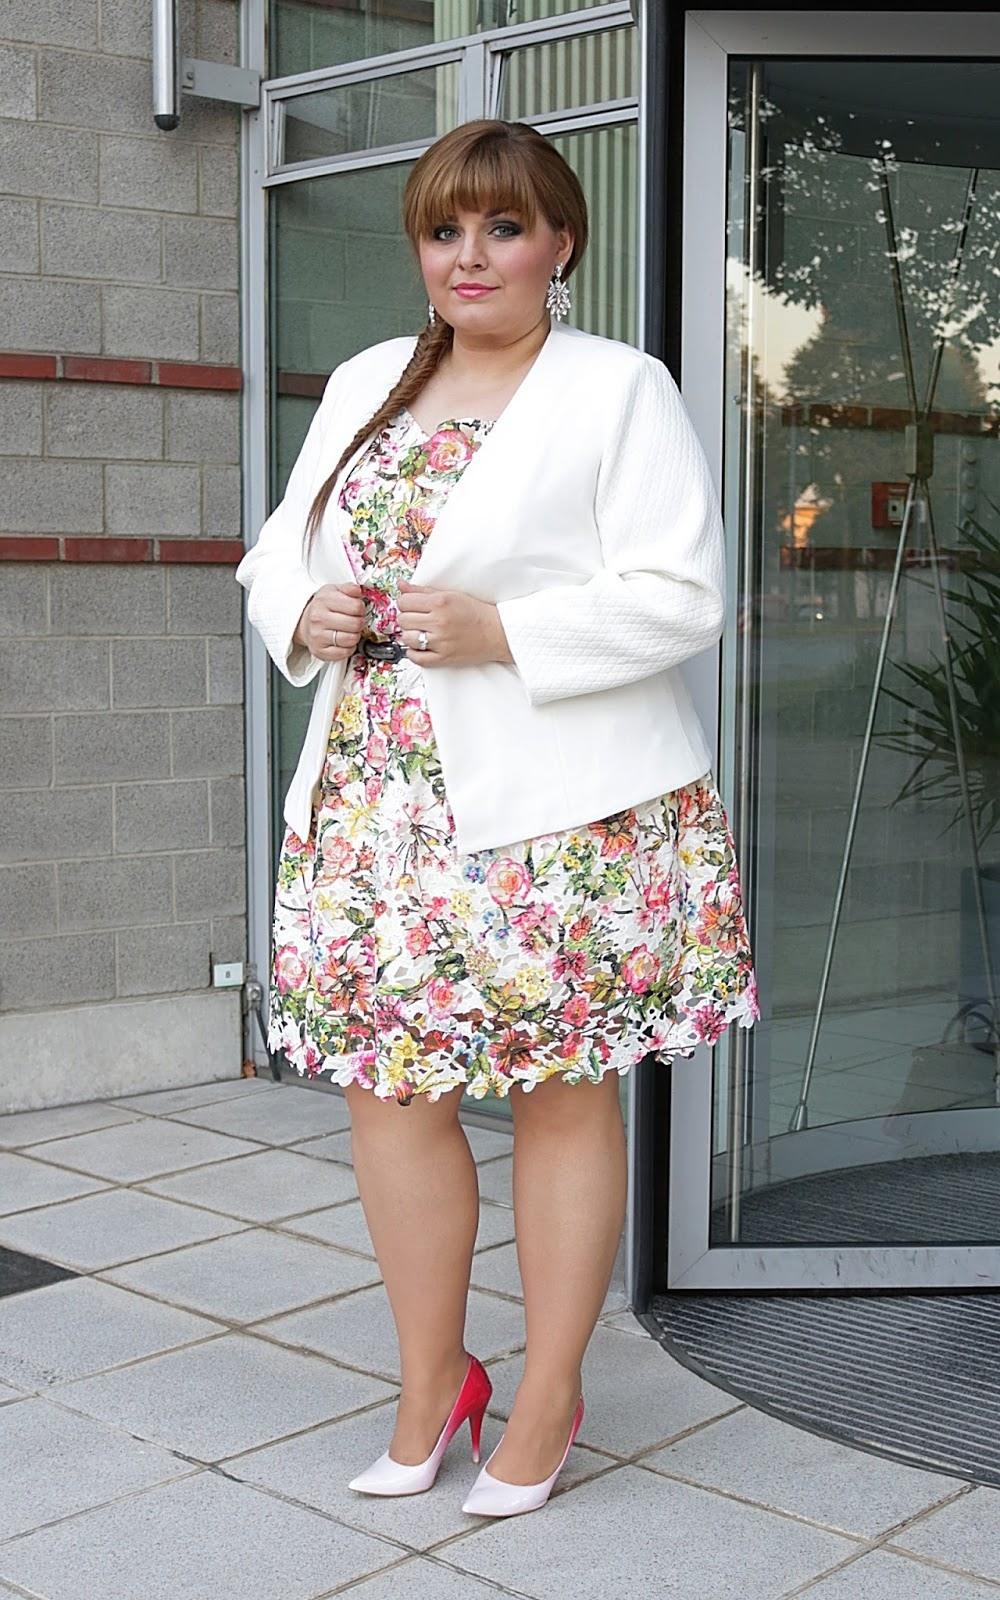 15 Luxurius Damen Kleider Für Hochzeit Vertrieb - Abendkleid